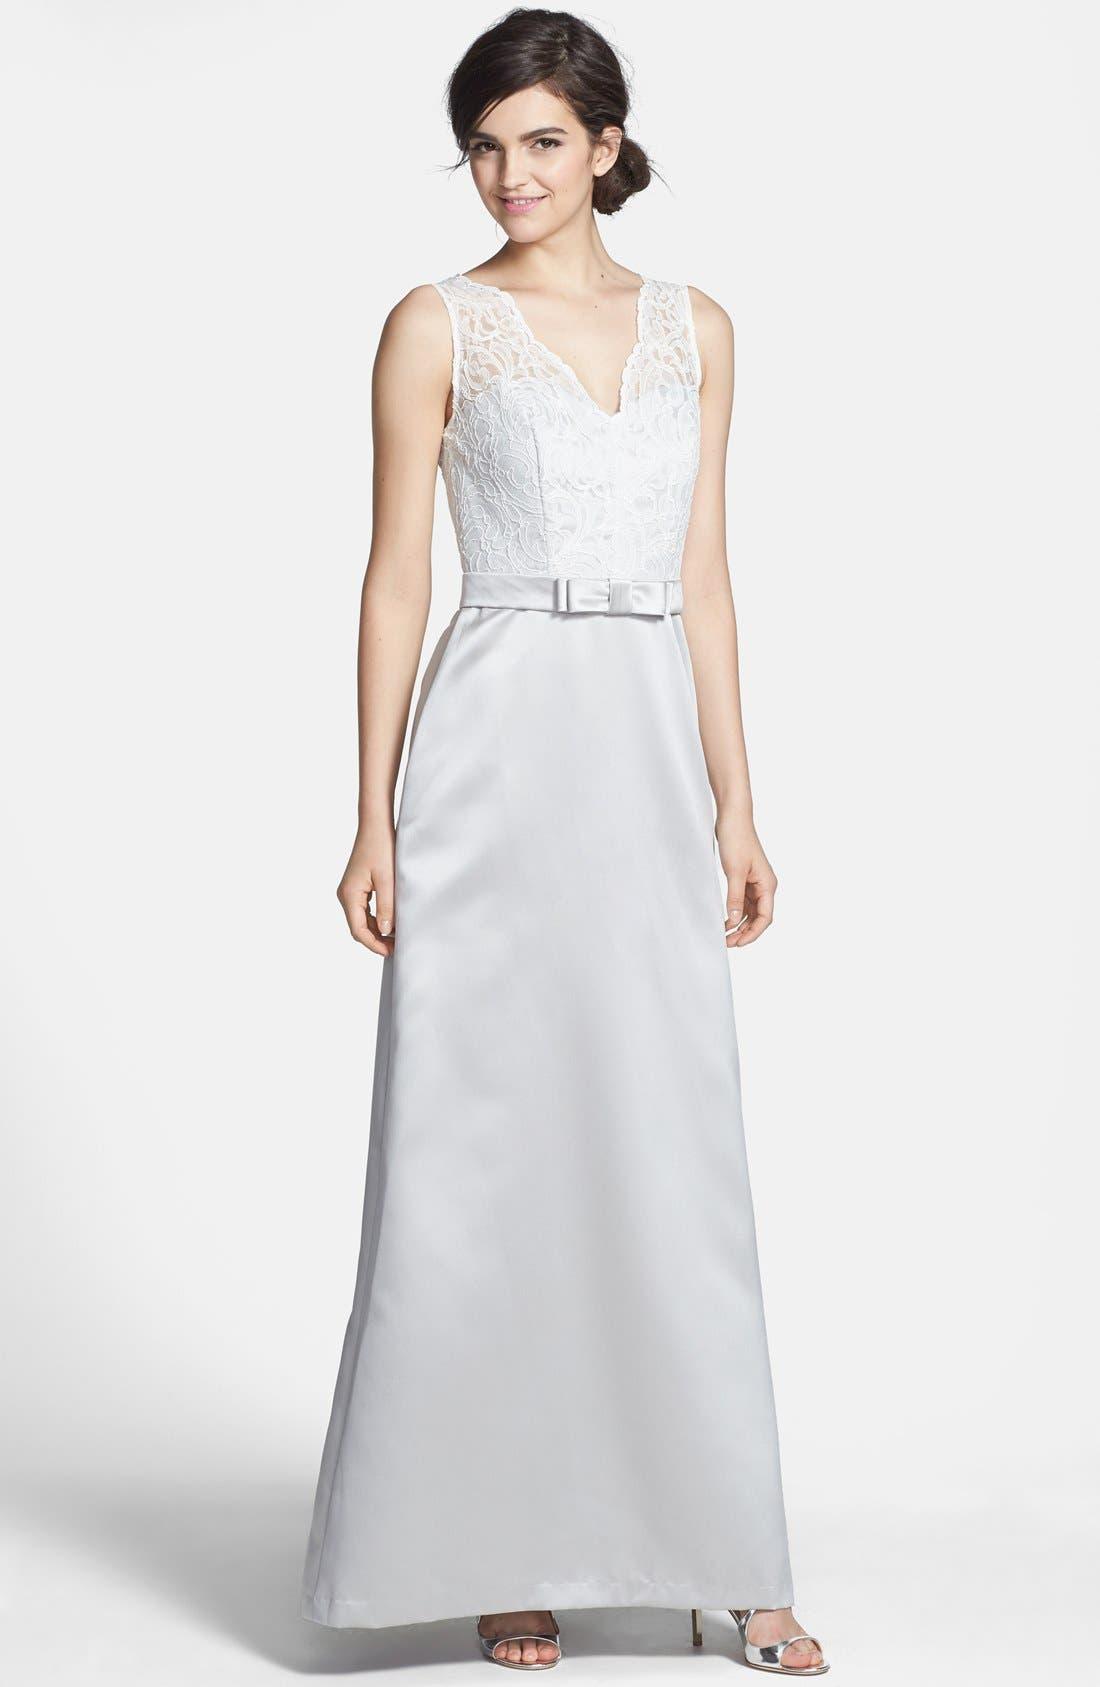 Main Image - After Six Sleeveless Lace & Matte Satin Dress